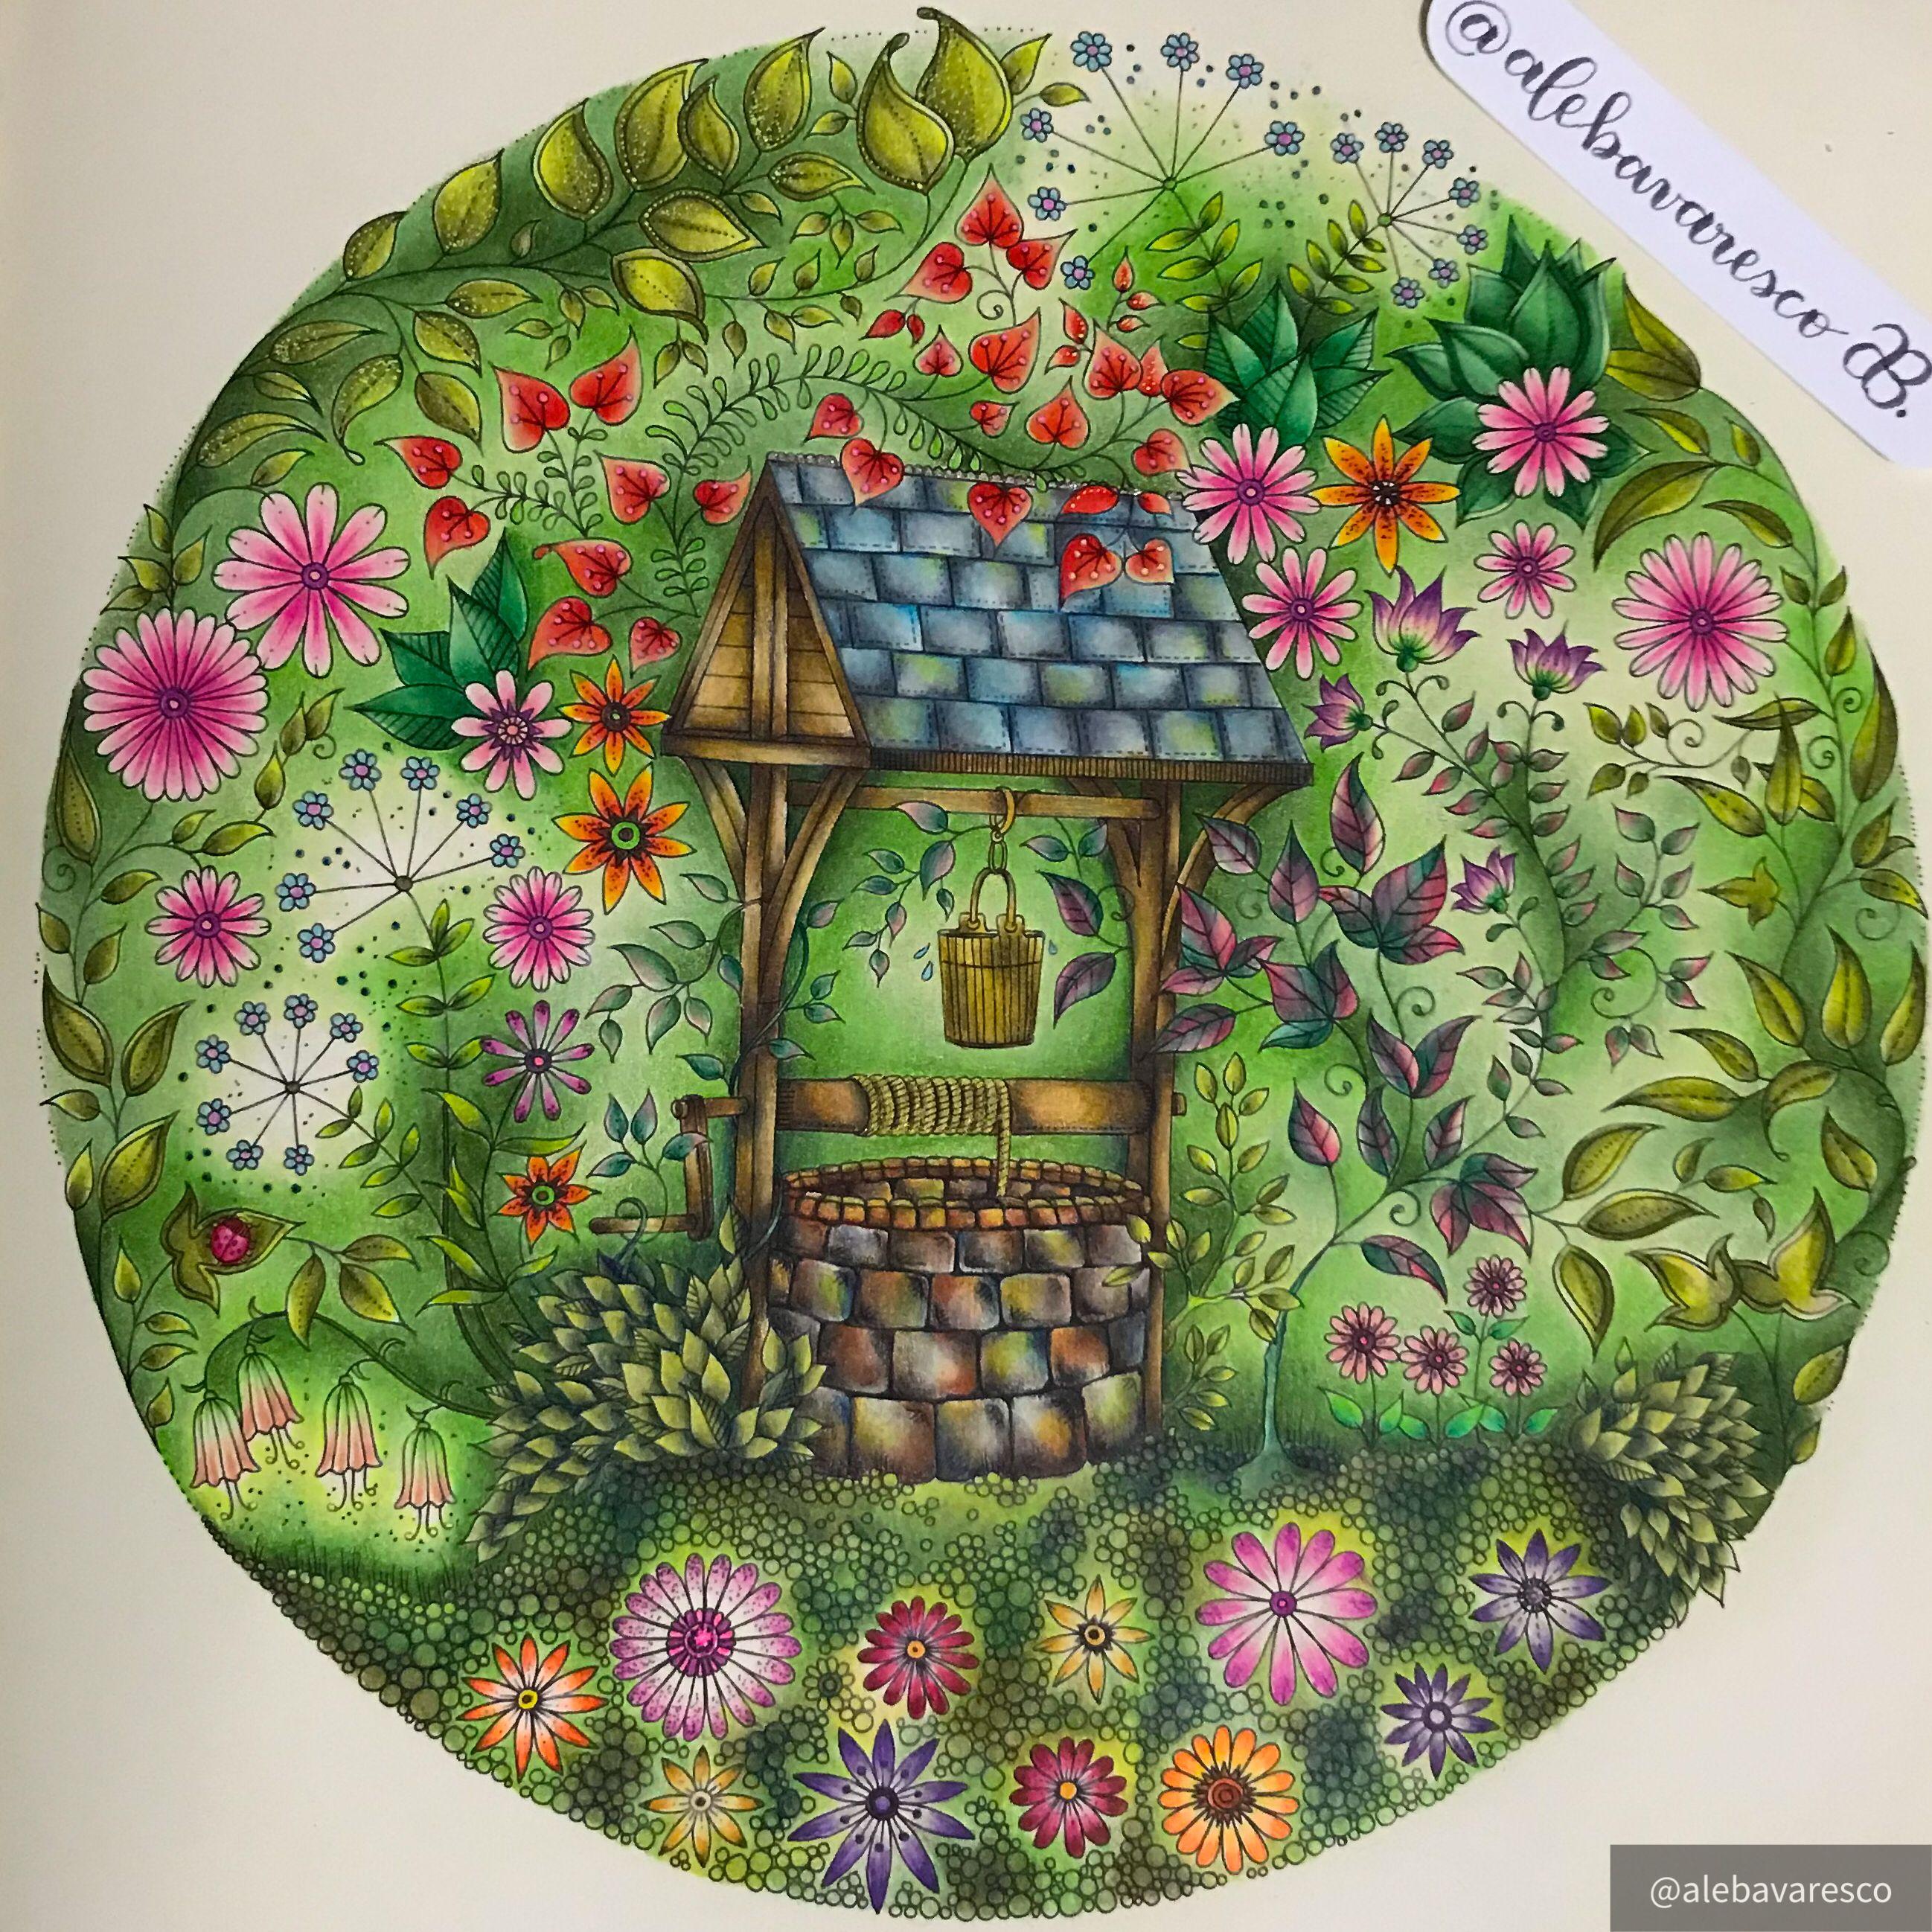 Secret Garden Secret Garden Coloring Book Finished Secret Garden Coloring Book Joanna Basford Coloring